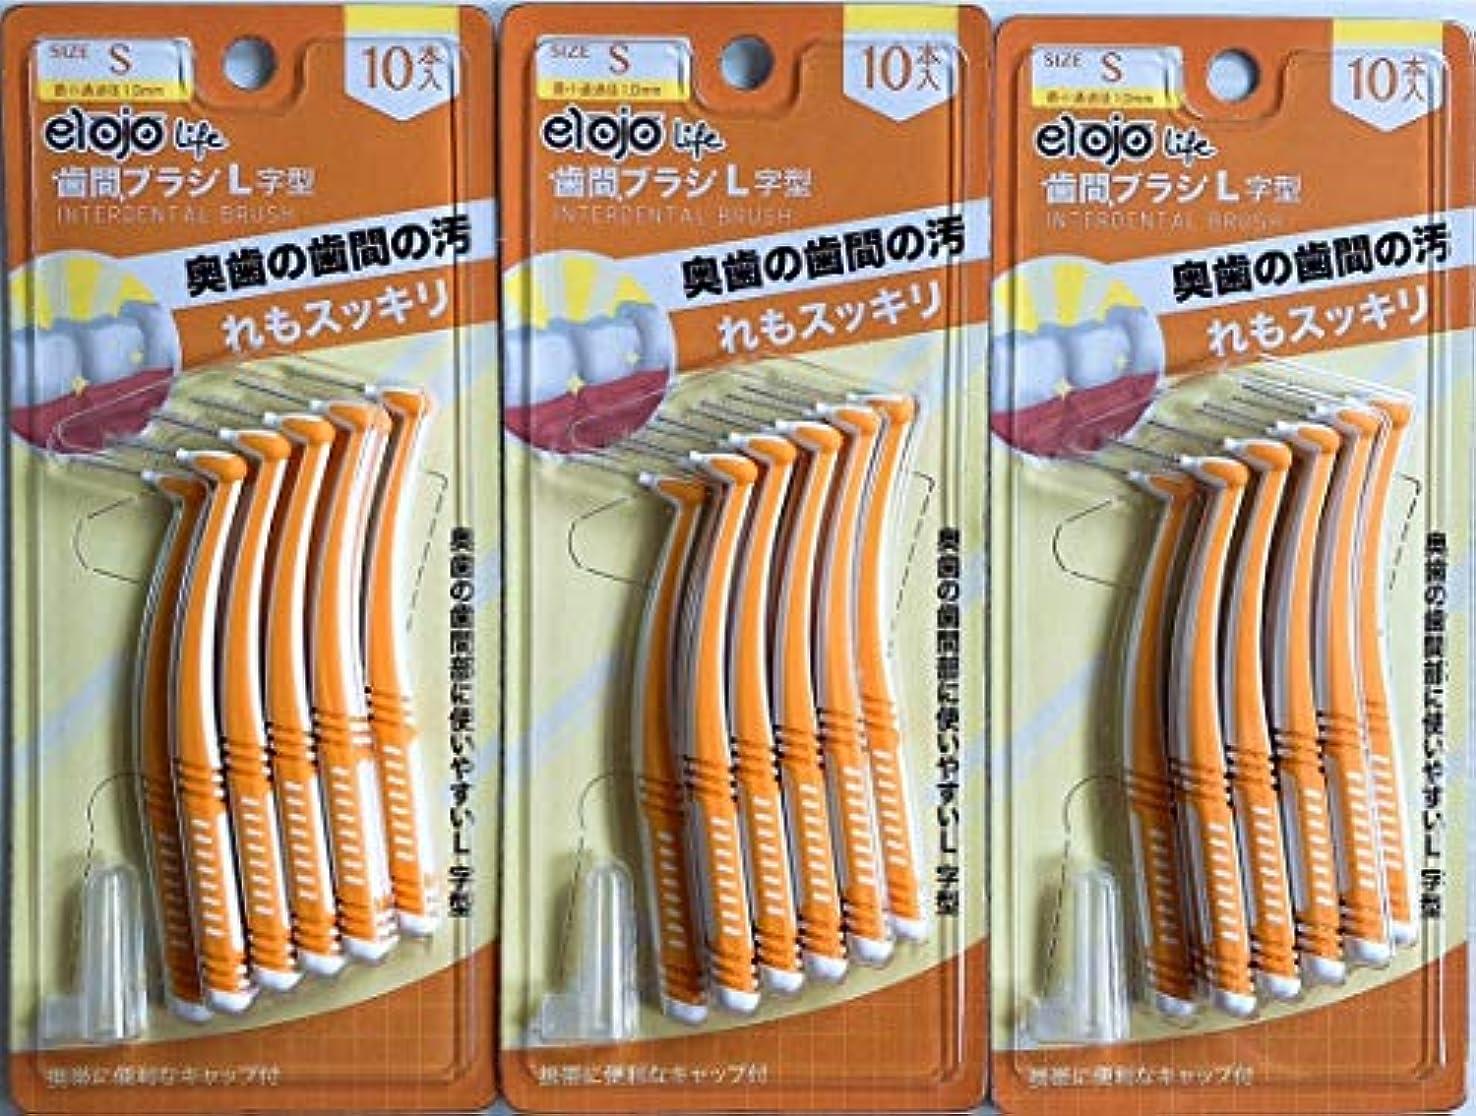 耕す下手ハドルelojo Life 歯間ブラシ〈 L字型 〉Sサイズ 10本 (30本) 【送料無料】